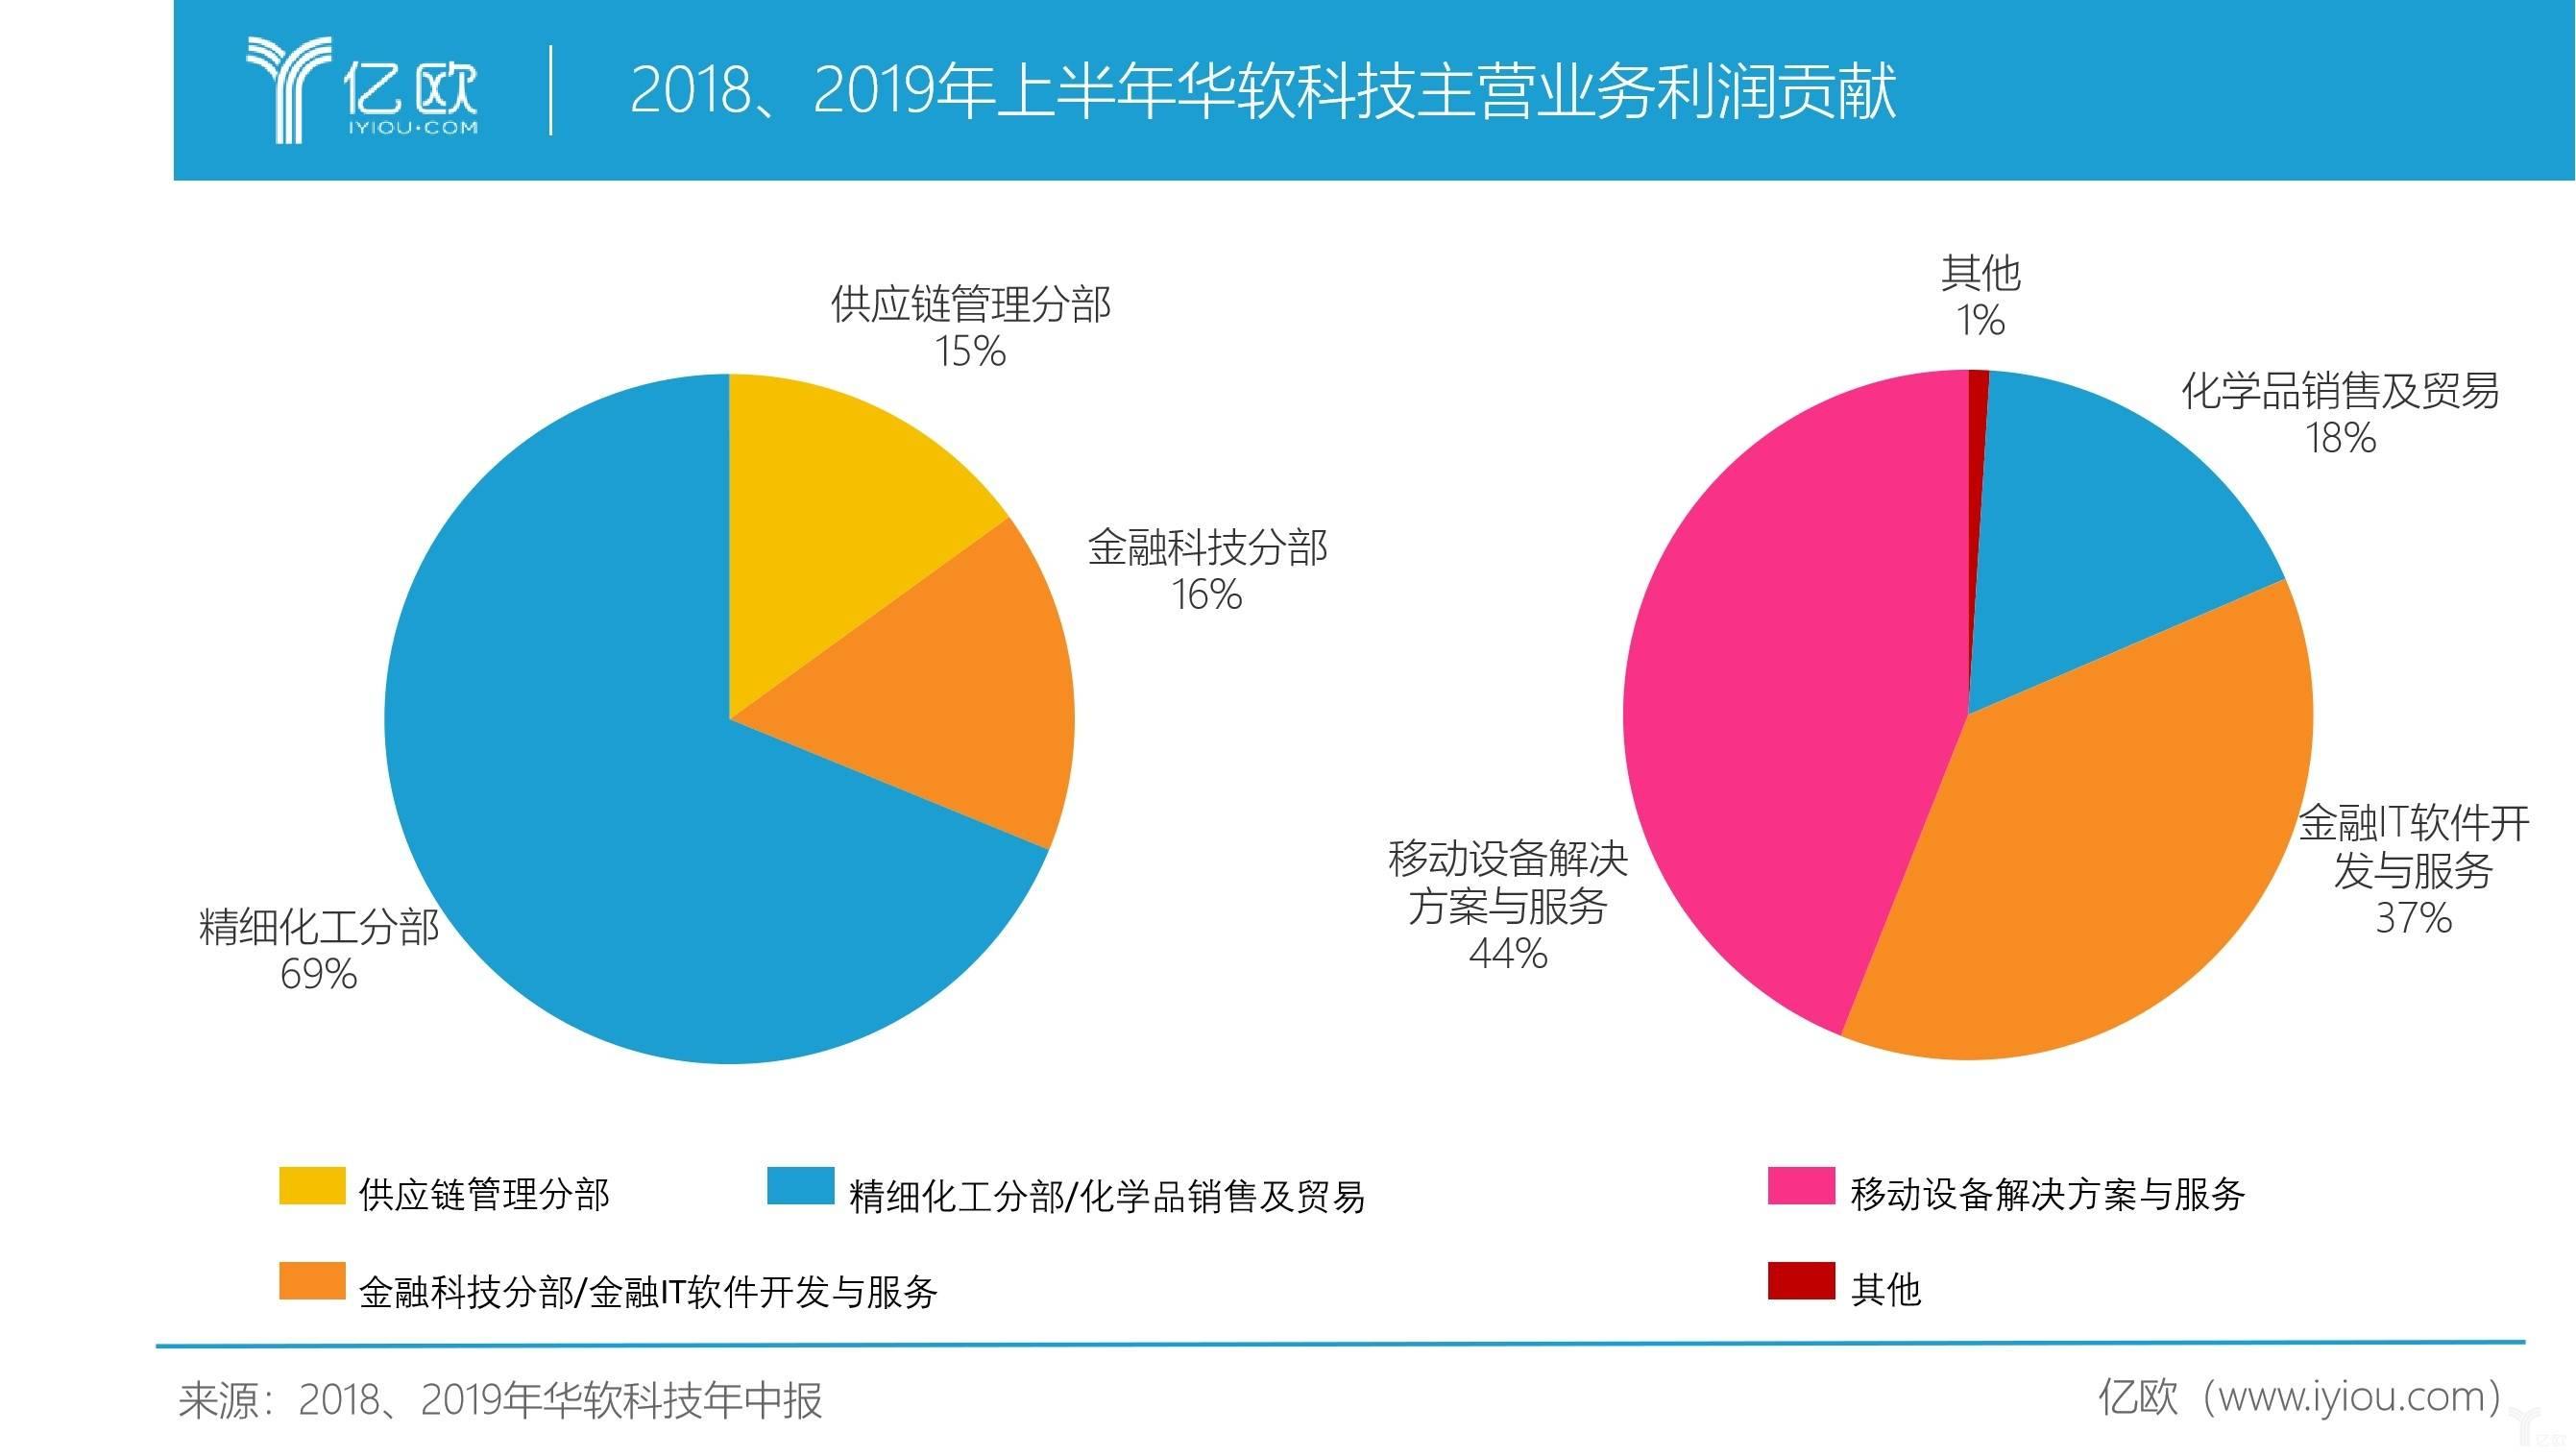 2018、2019年上半年华软科技主营业务利润贡献